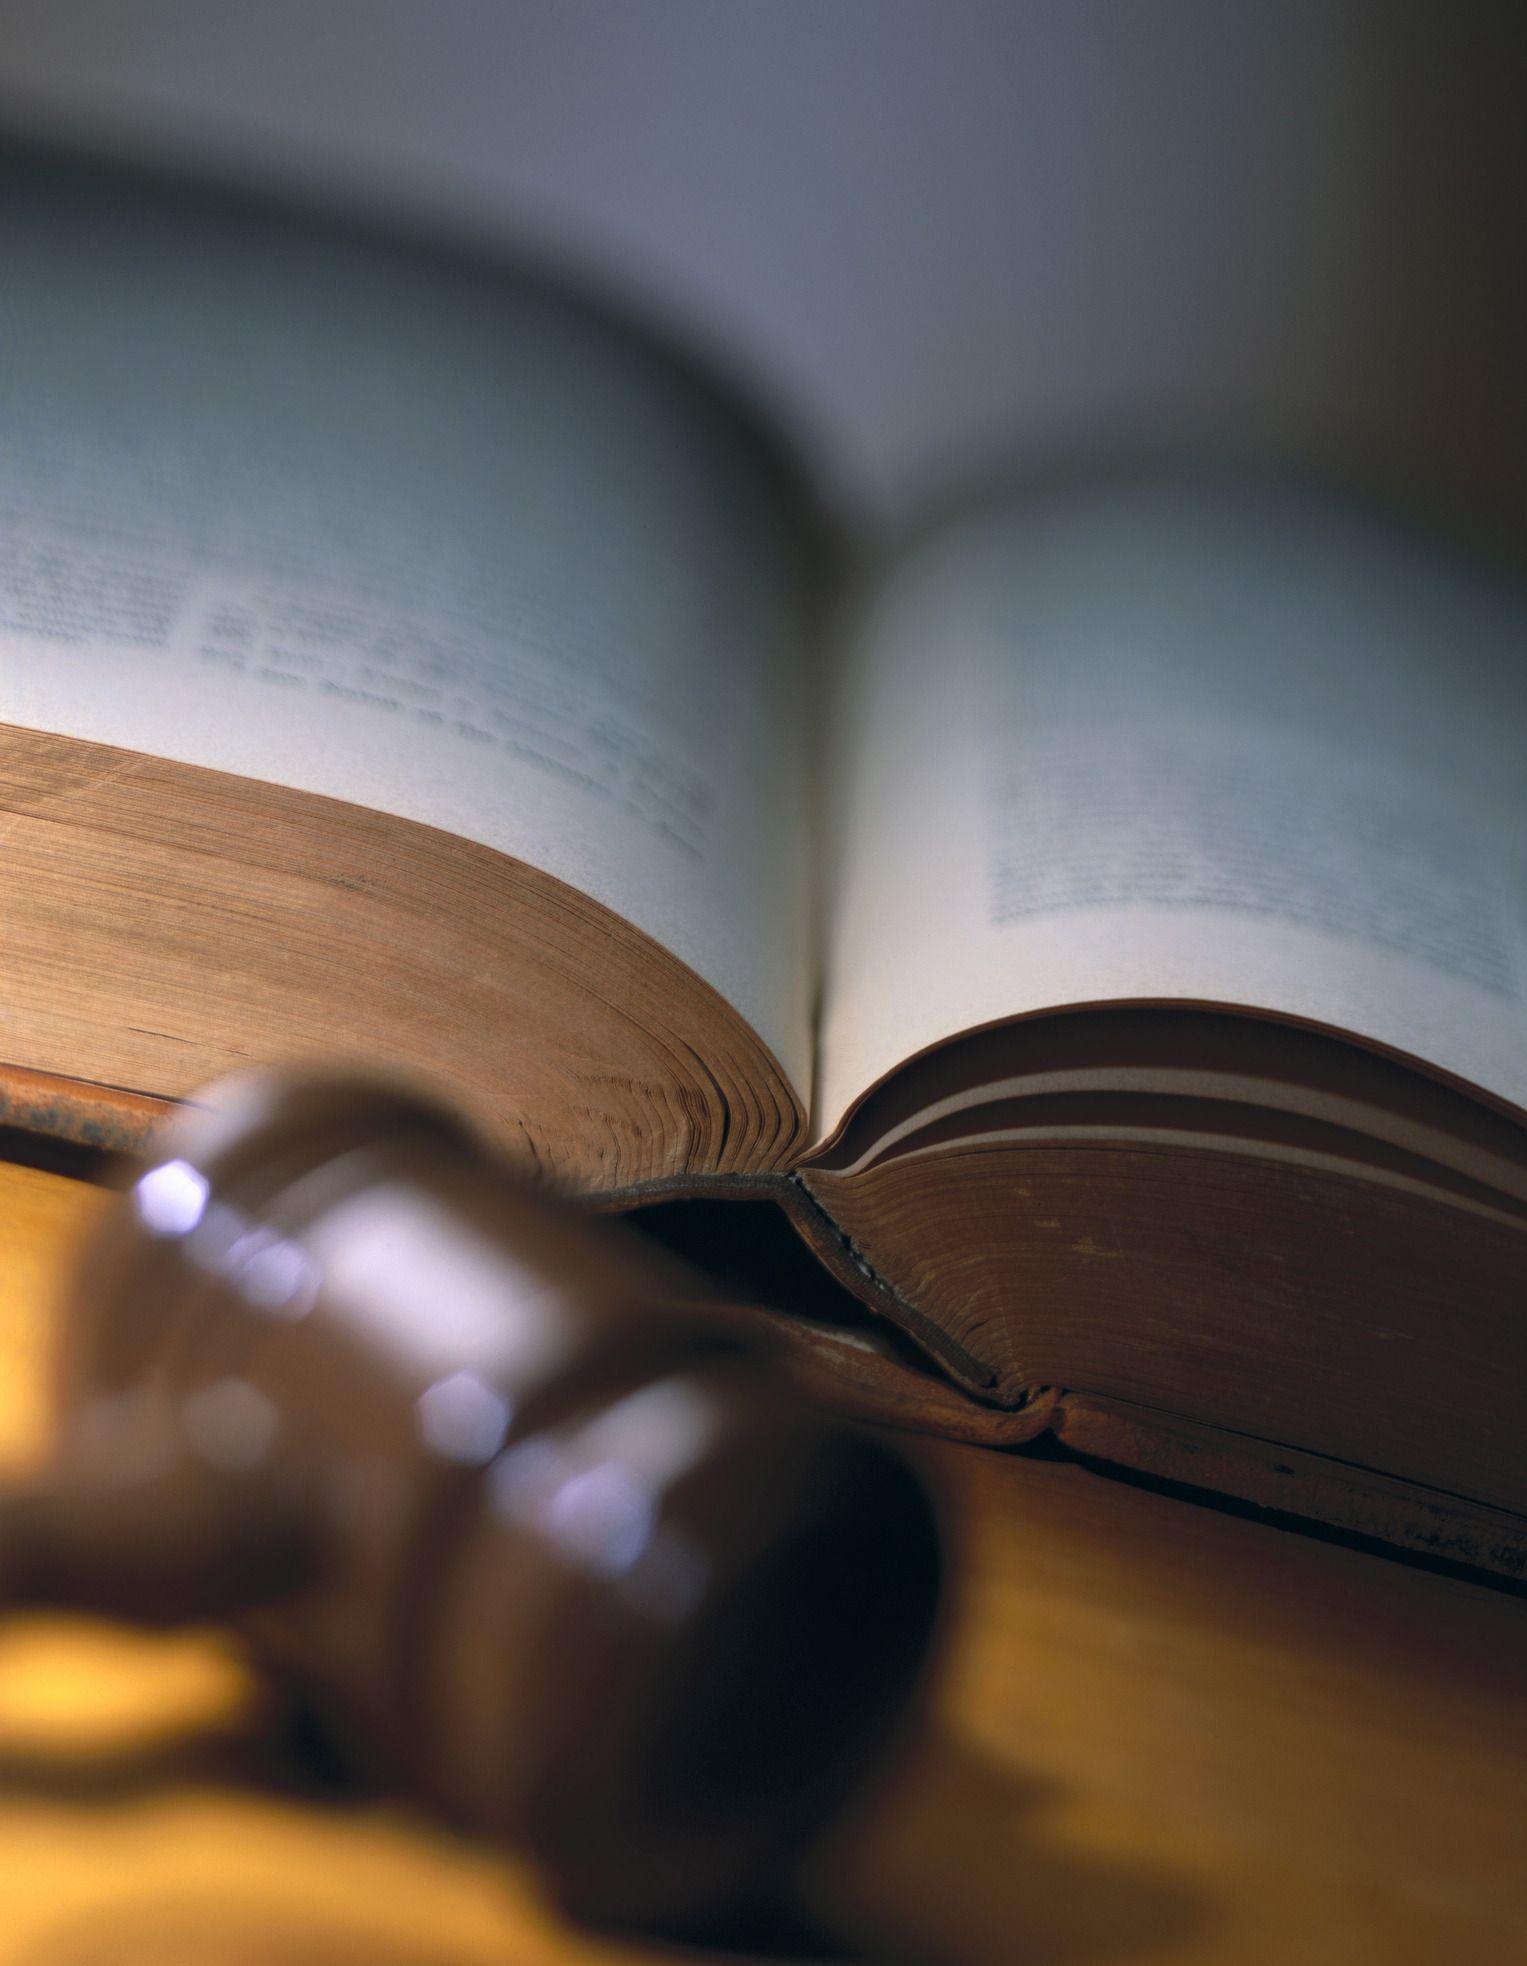 Występując o anulowanie kary skarbowej powołuj się na niską szkodliwość społeczną